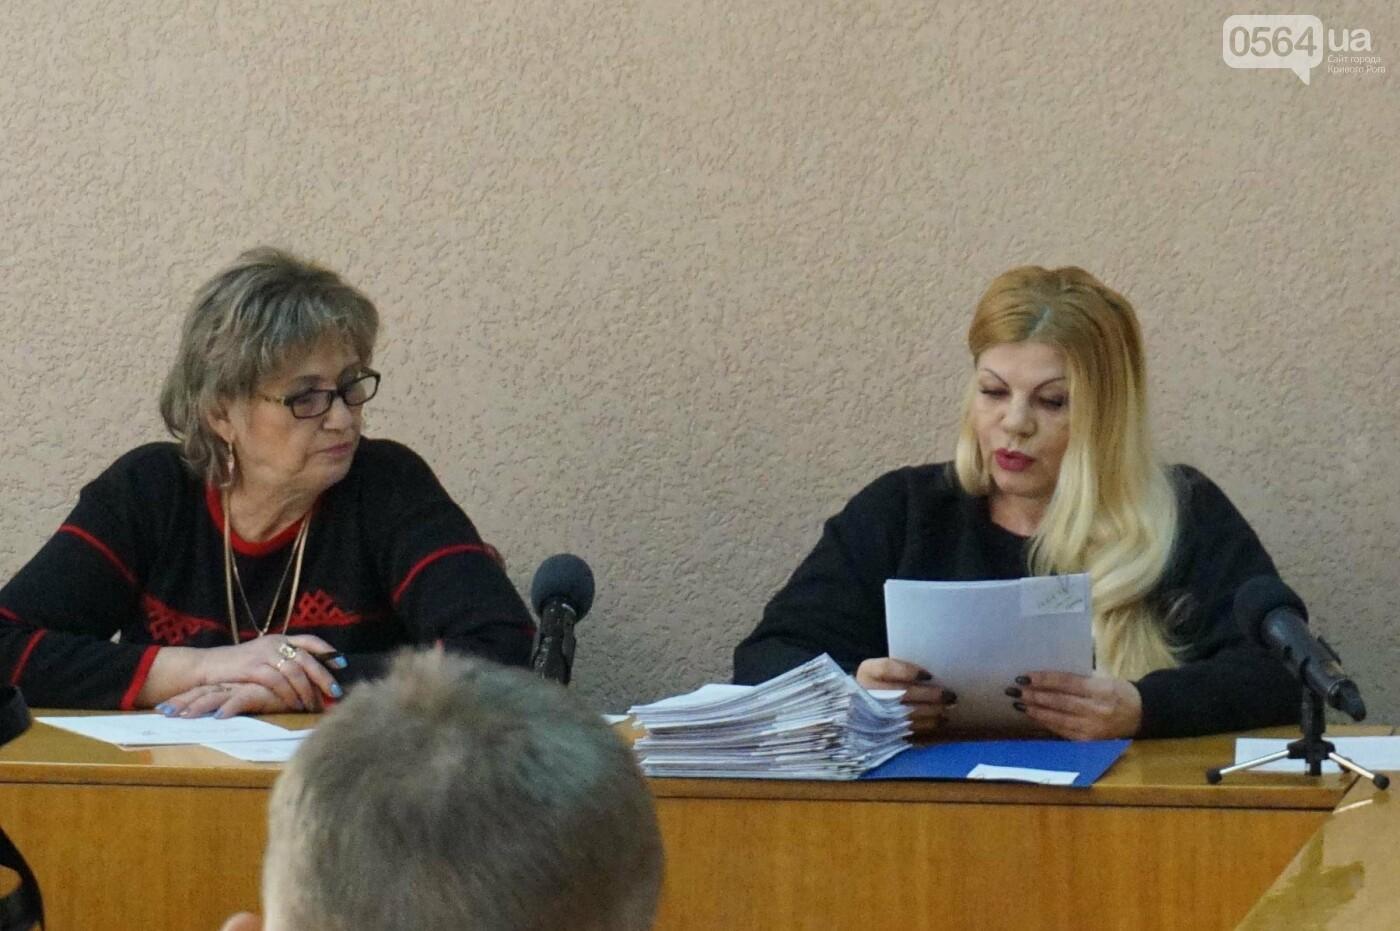 В Кривом Роге 52 бойца АТО получили землю под строительство жилья (ФОТО), фото-7